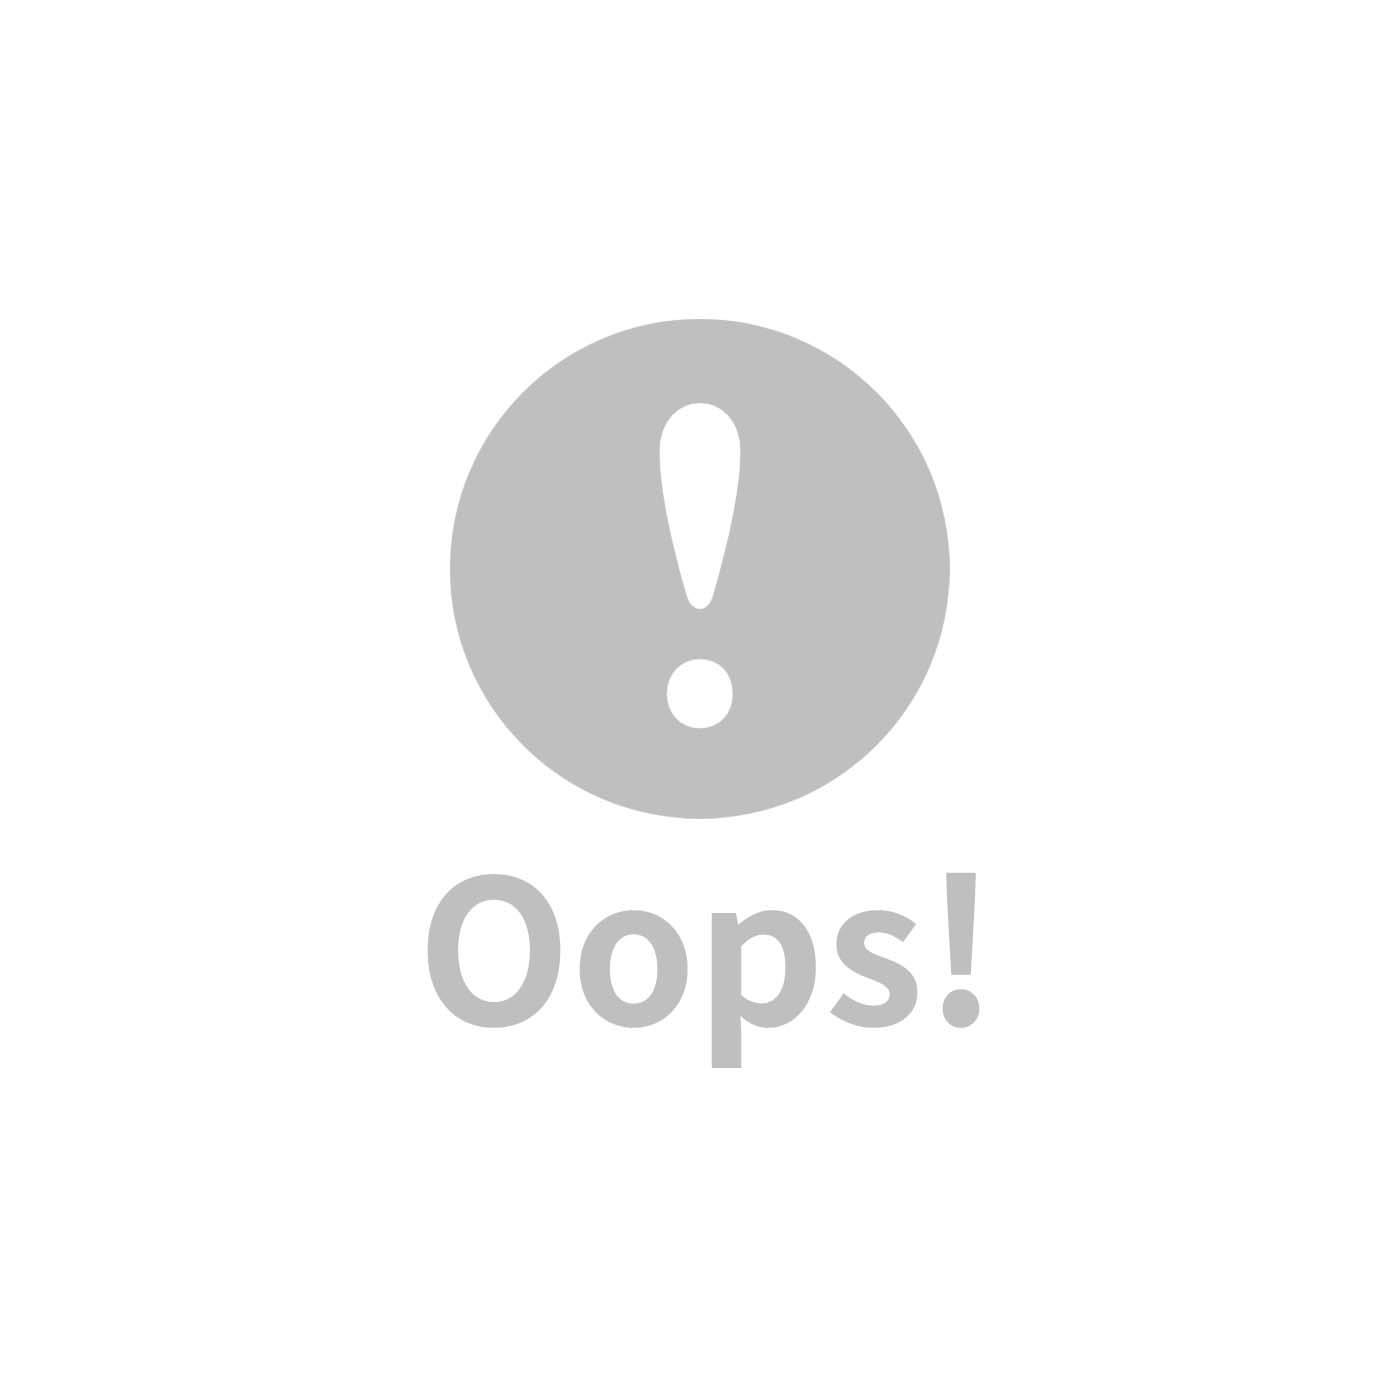 global affairs 童話手工編織安撫玩偶(36cm)-斑馬哥